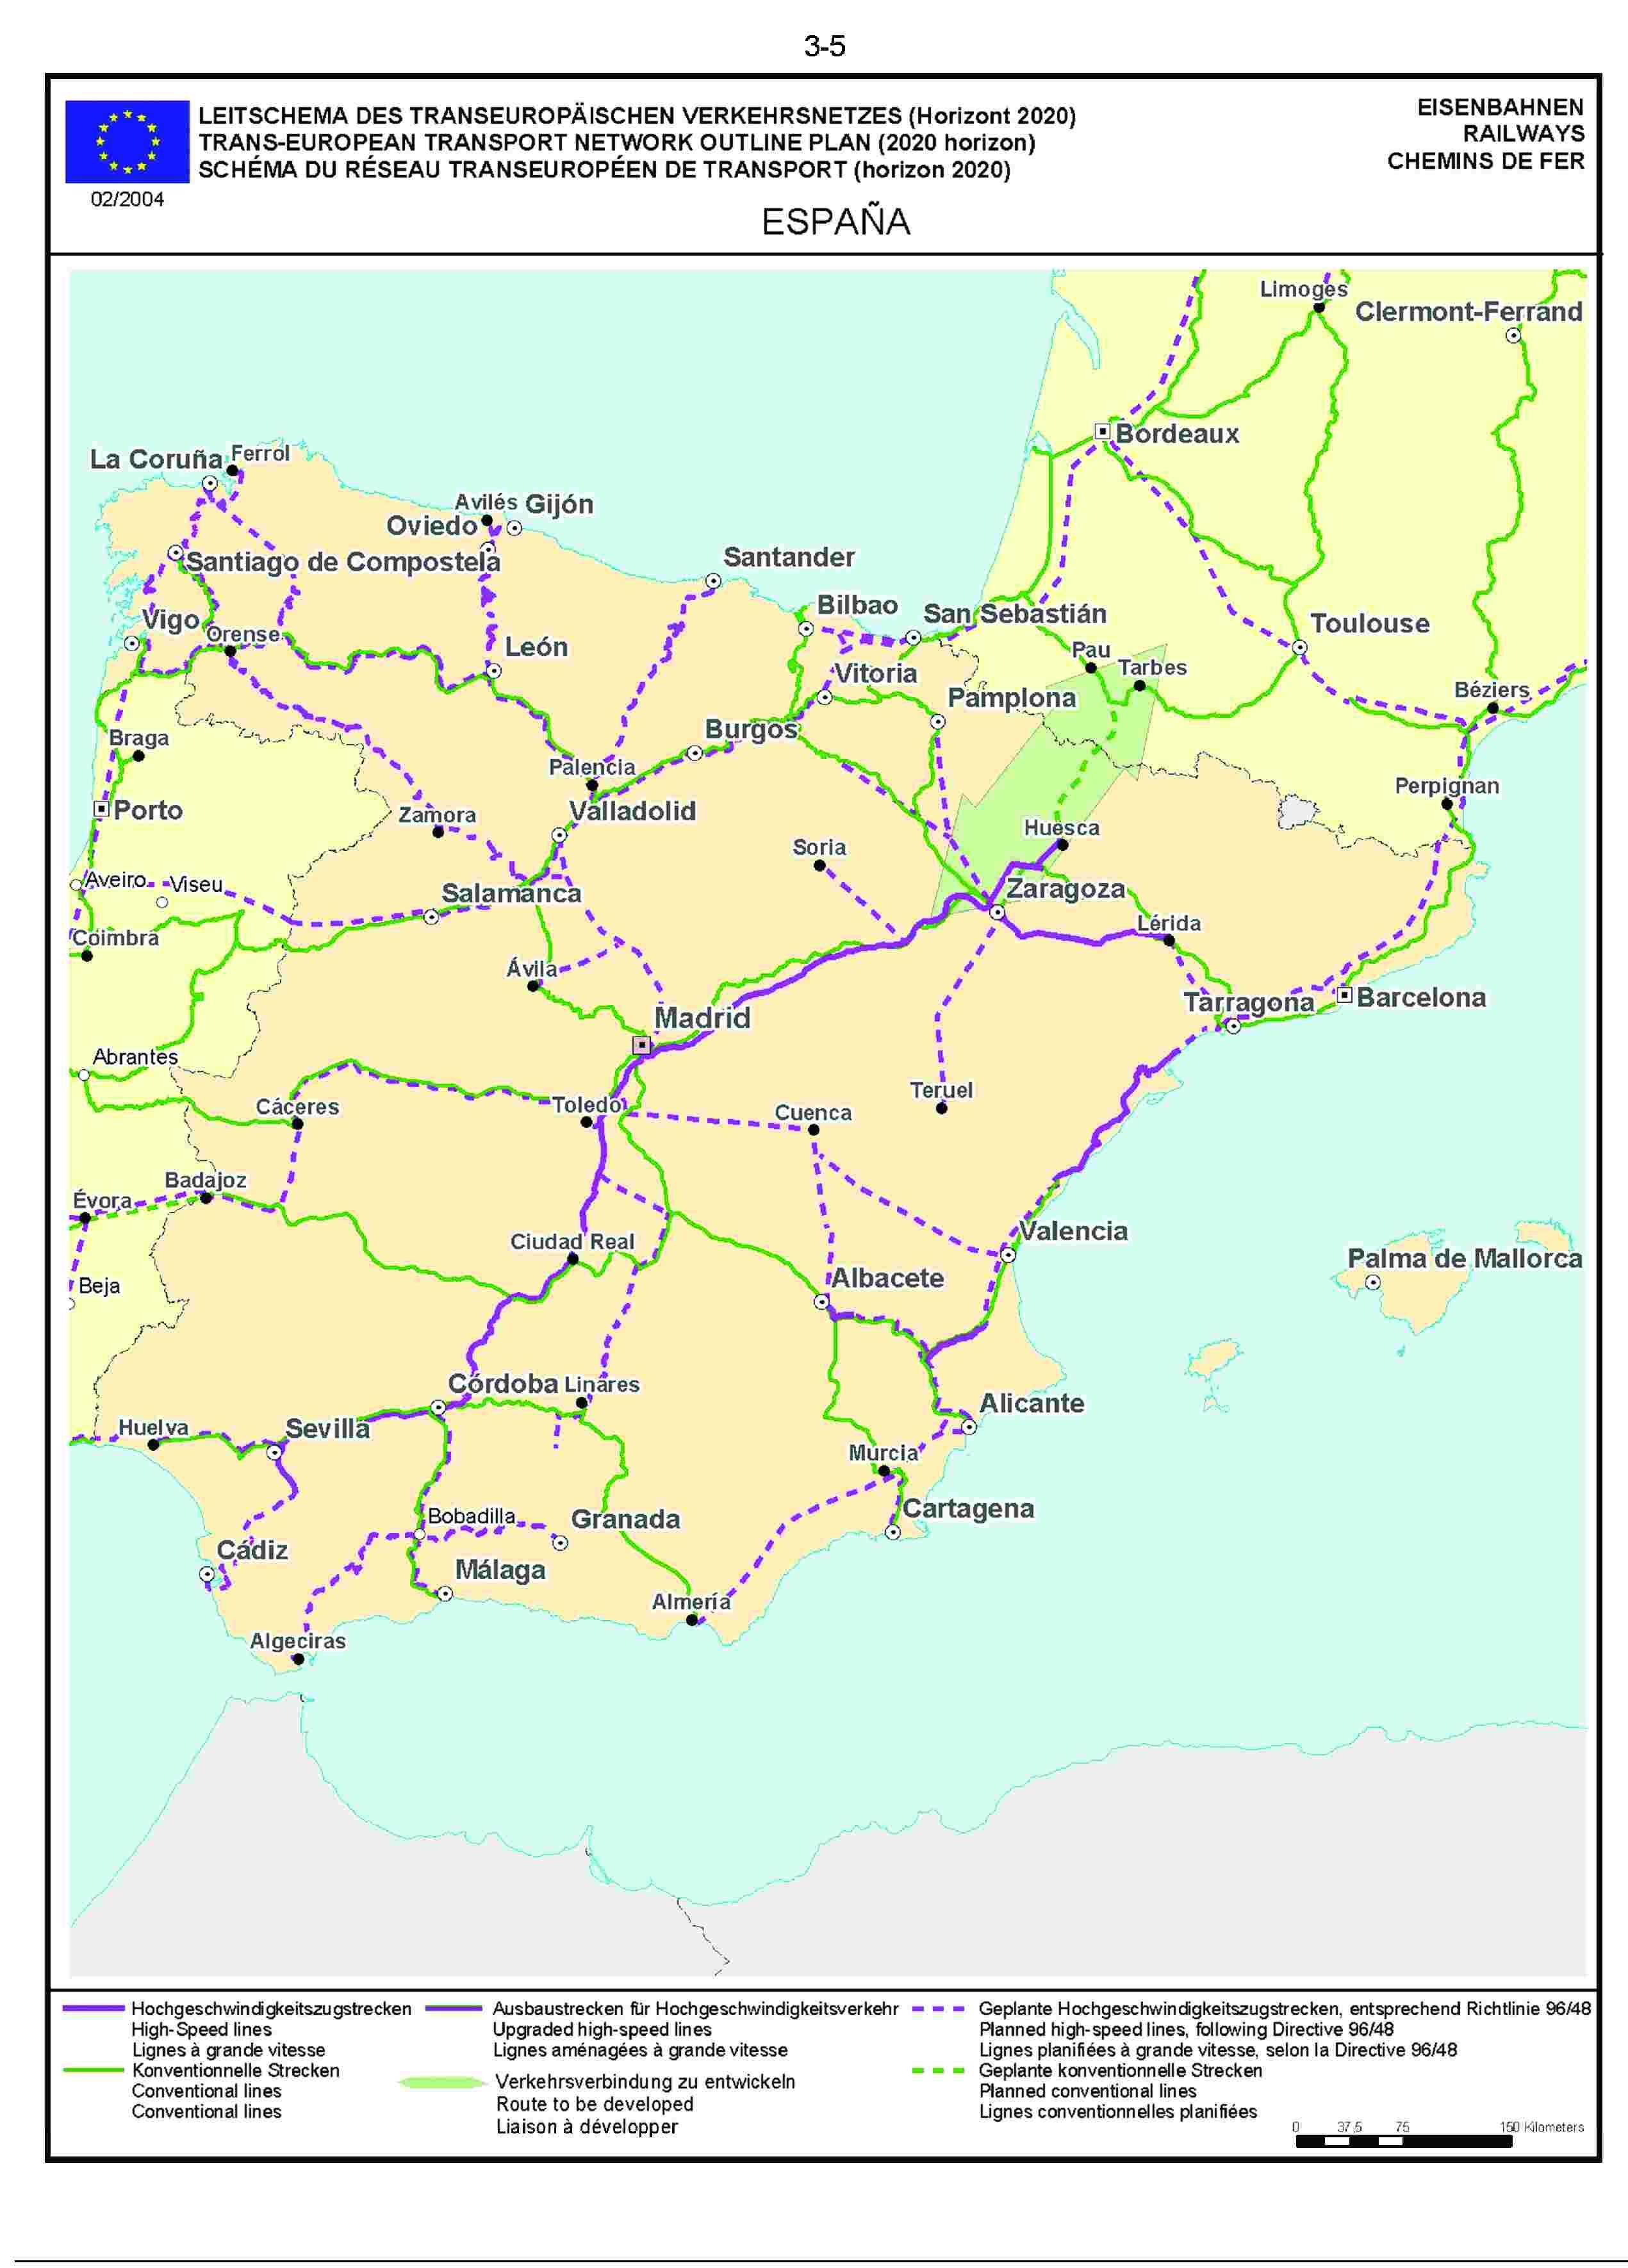 3.5LEITSCHEMA DES TRANSEUROPÄISCHEN VERKEHRSNETZES (Horizont 2020) EISENBAHNENTRANS-EUROPEAN TRANSPORT NETWORK OUTLINE PLAN (2020 horizon) RAILWAYSSCHÉMA DU RÉSEAU TRANSEUROPÉEN DE TRANSPORT (horizon 2020) CHEMINS DE FER02/2004ESPAÑA